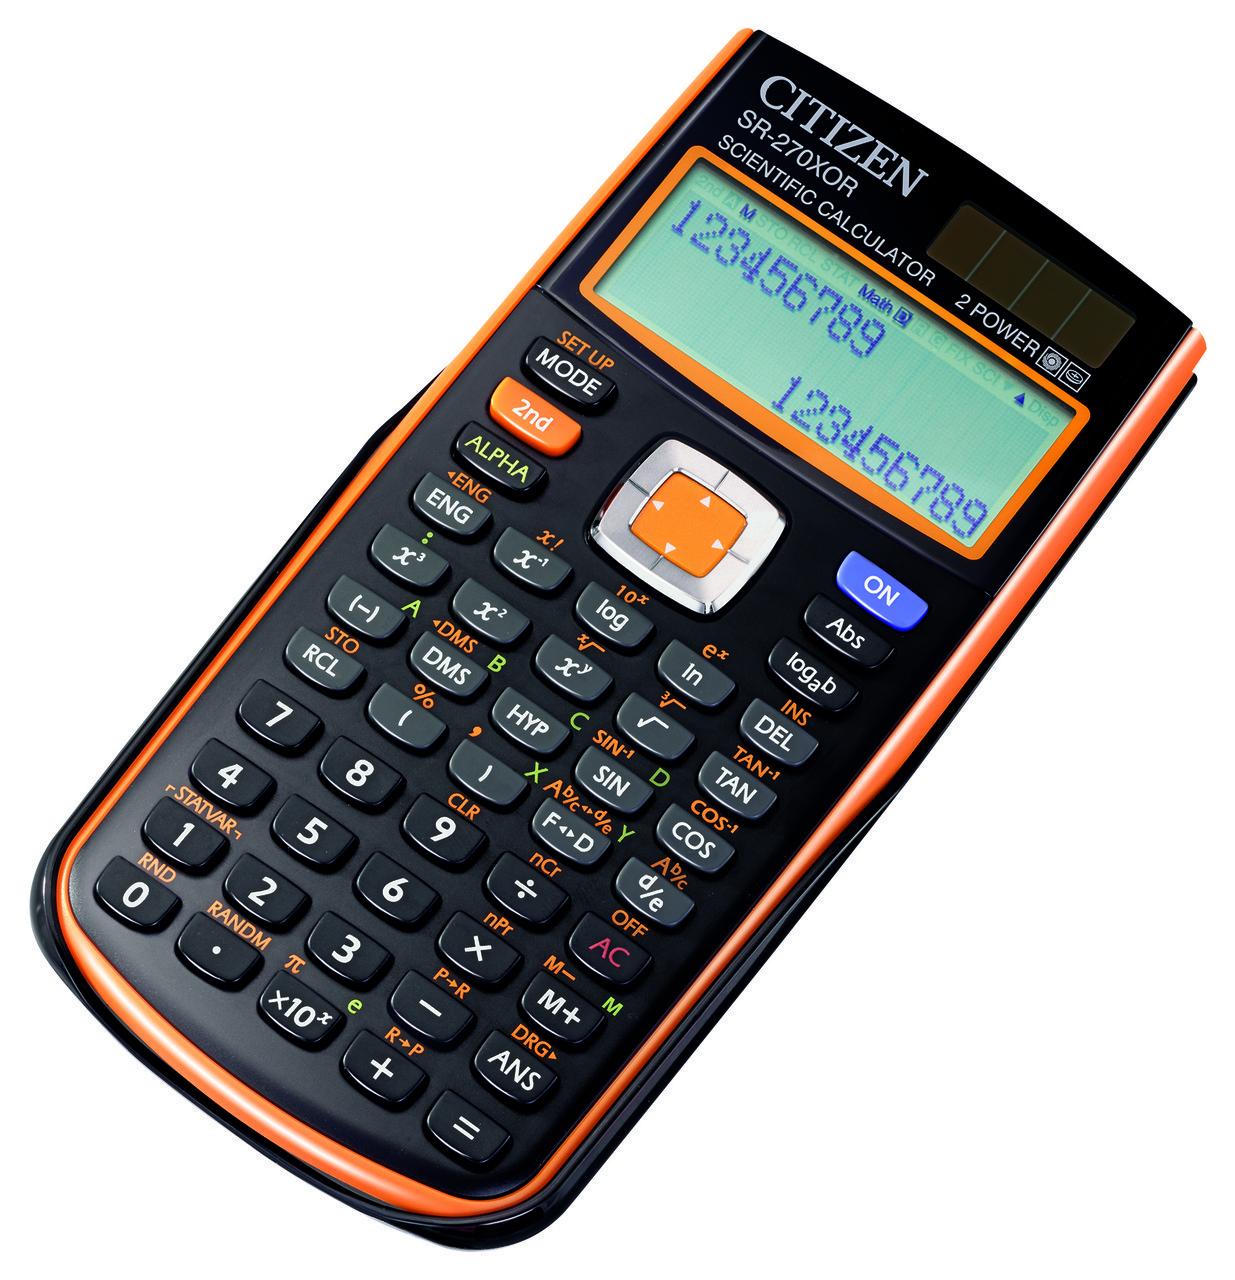 Citizen SR-270XOR калькулятор научный, 251 формула, уравнения, 2-х строчный дисплей